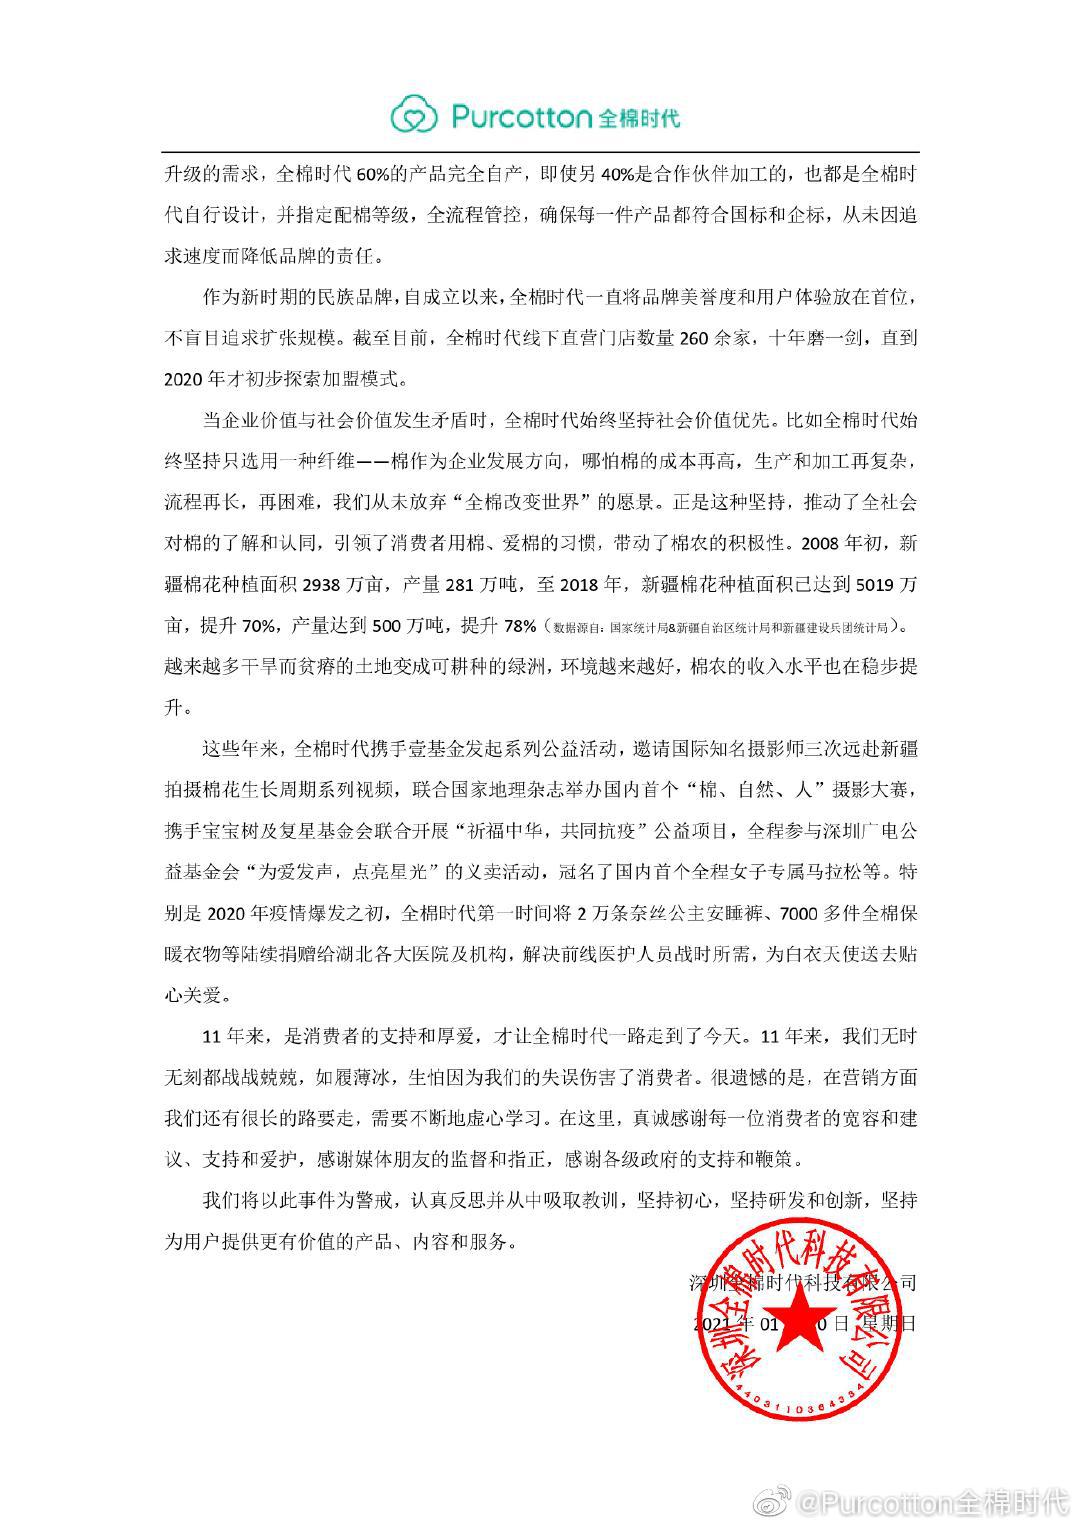 全棉时代为广告涉嫌侮辱女性事件再发声明道歉,网友称其态度不诚恳